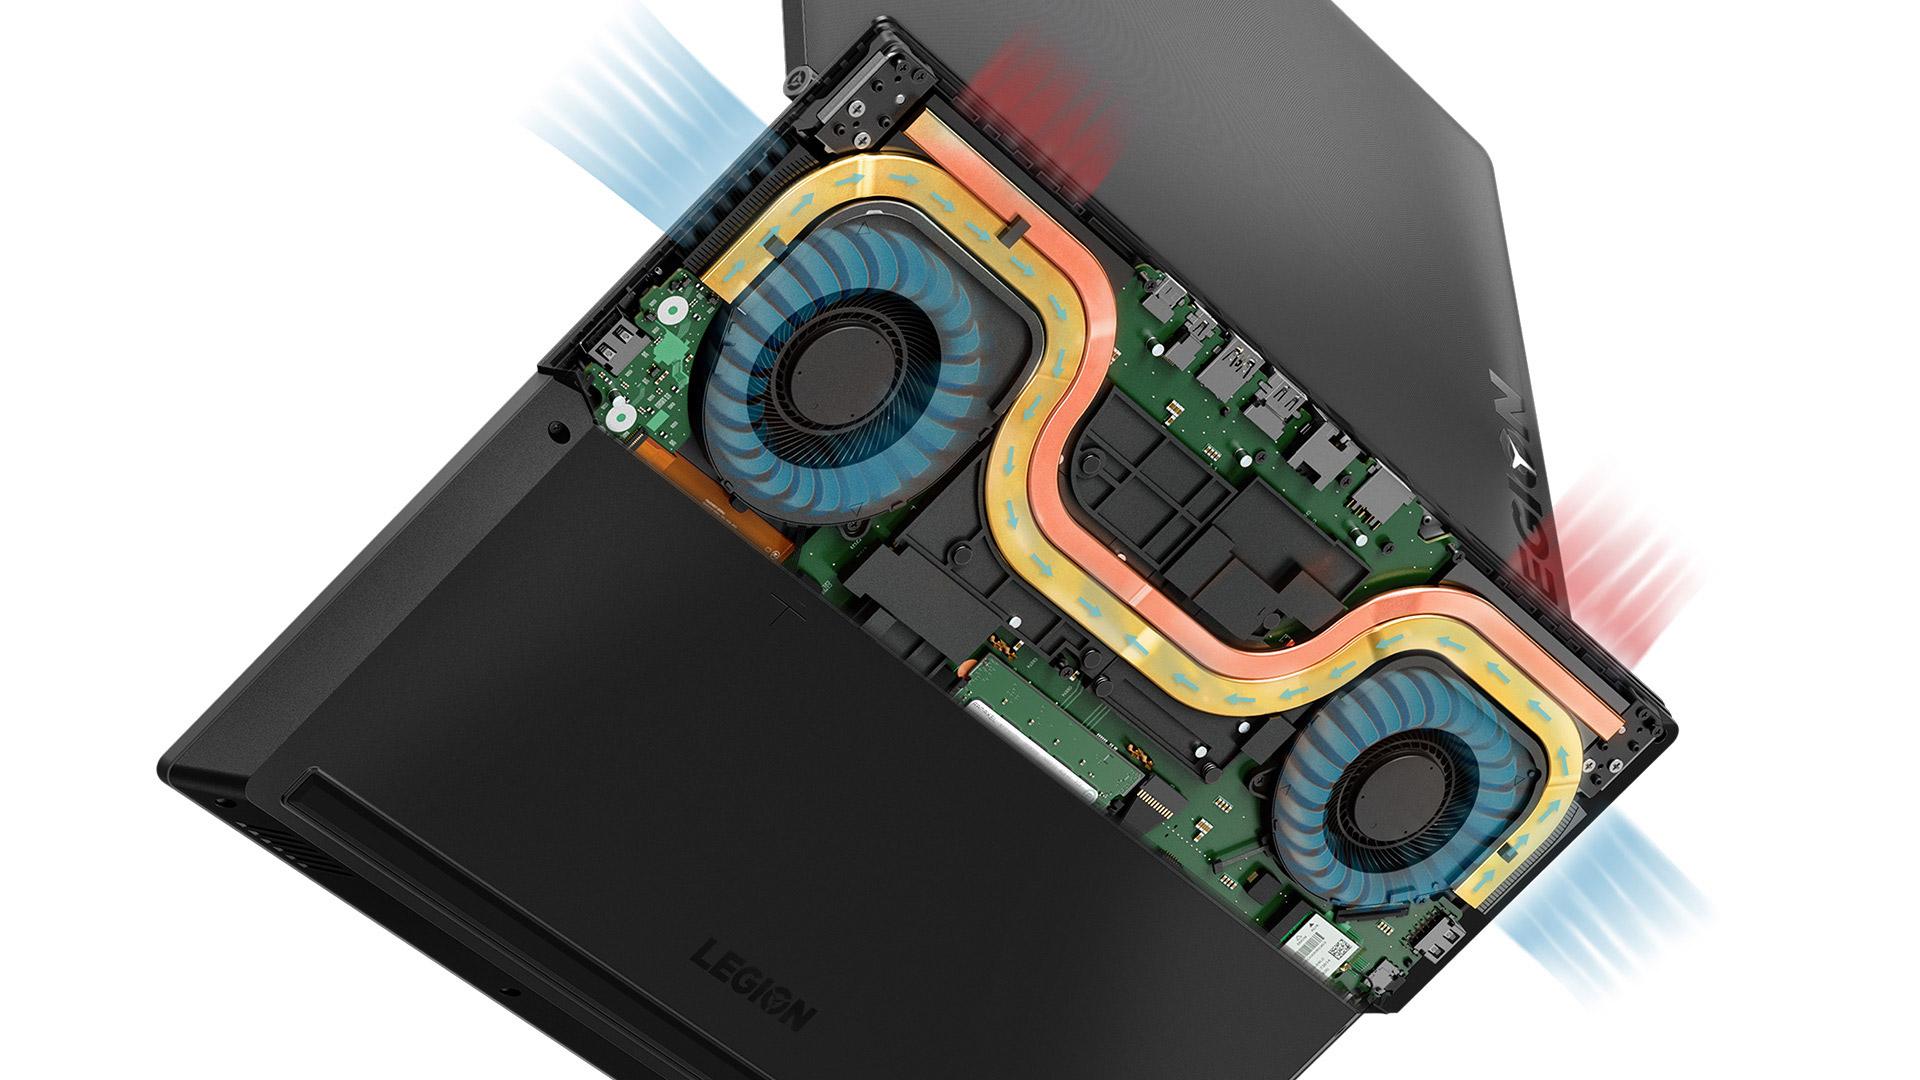 Nové herní notebooky Lenovo Legion Y530 - dospělejší a výkonnější ilustrace 2 lenovo legion y530